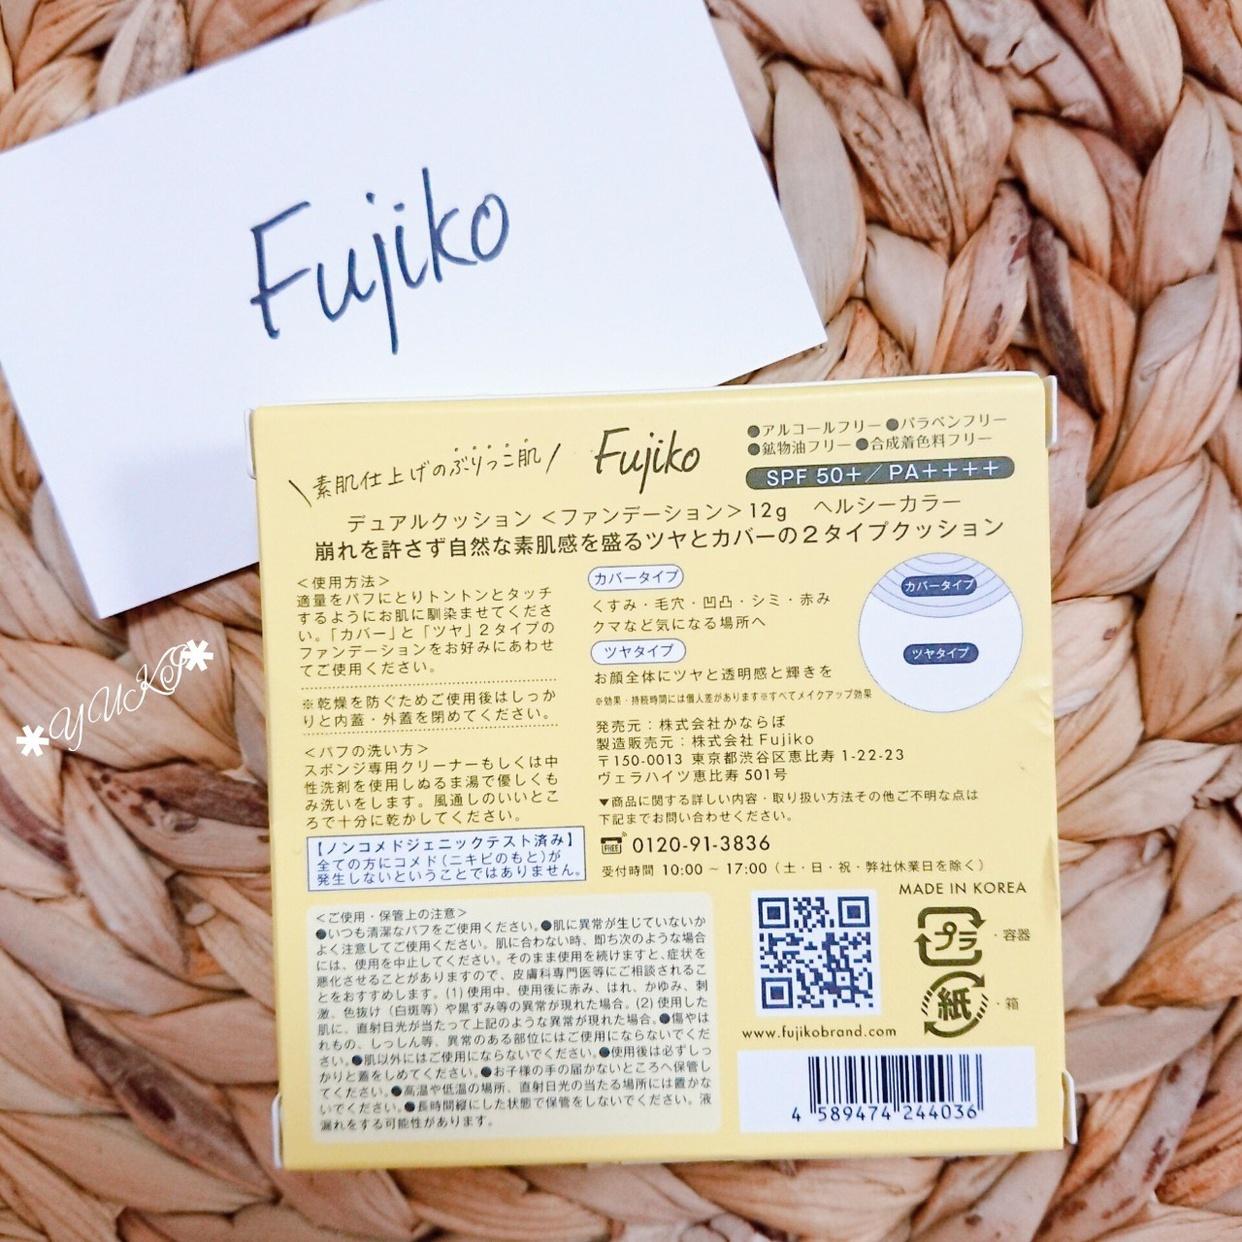 Fujiko(フジコ) デュアルクッションを使ったYUKIさんのクチコミ画像2